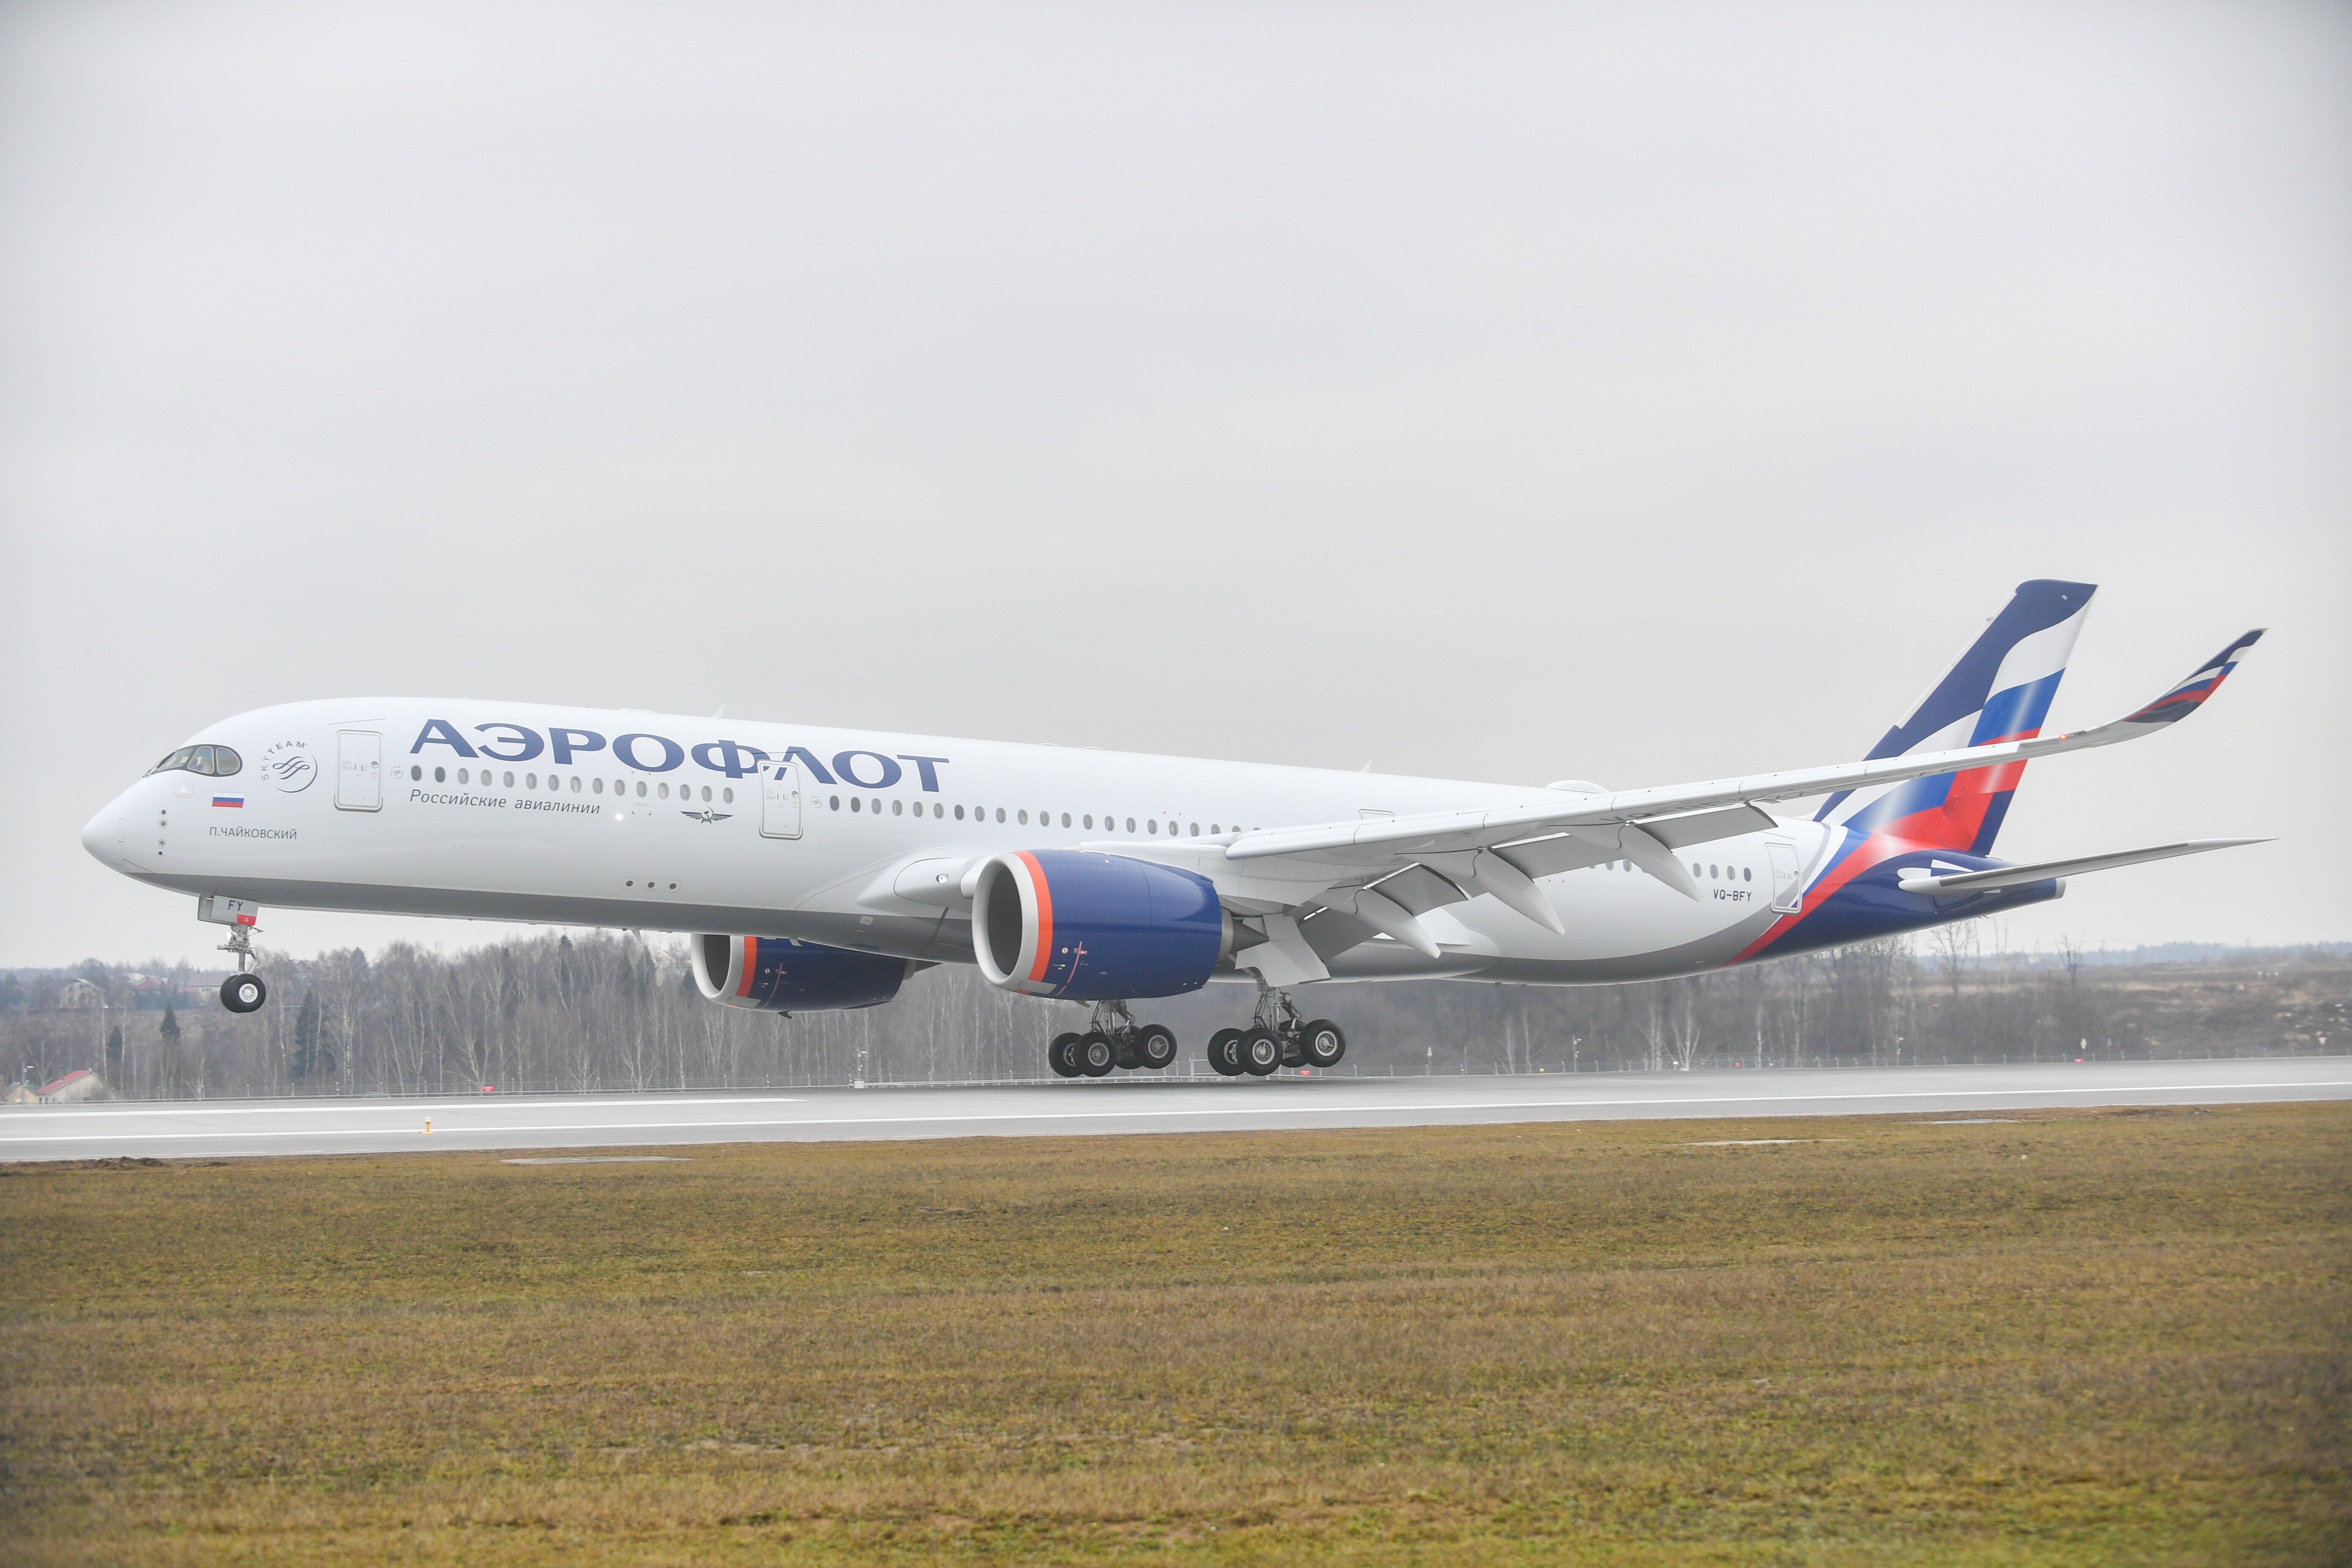 Эксперт рассказал, почему цены на авиабилеты в России снизились на 30%